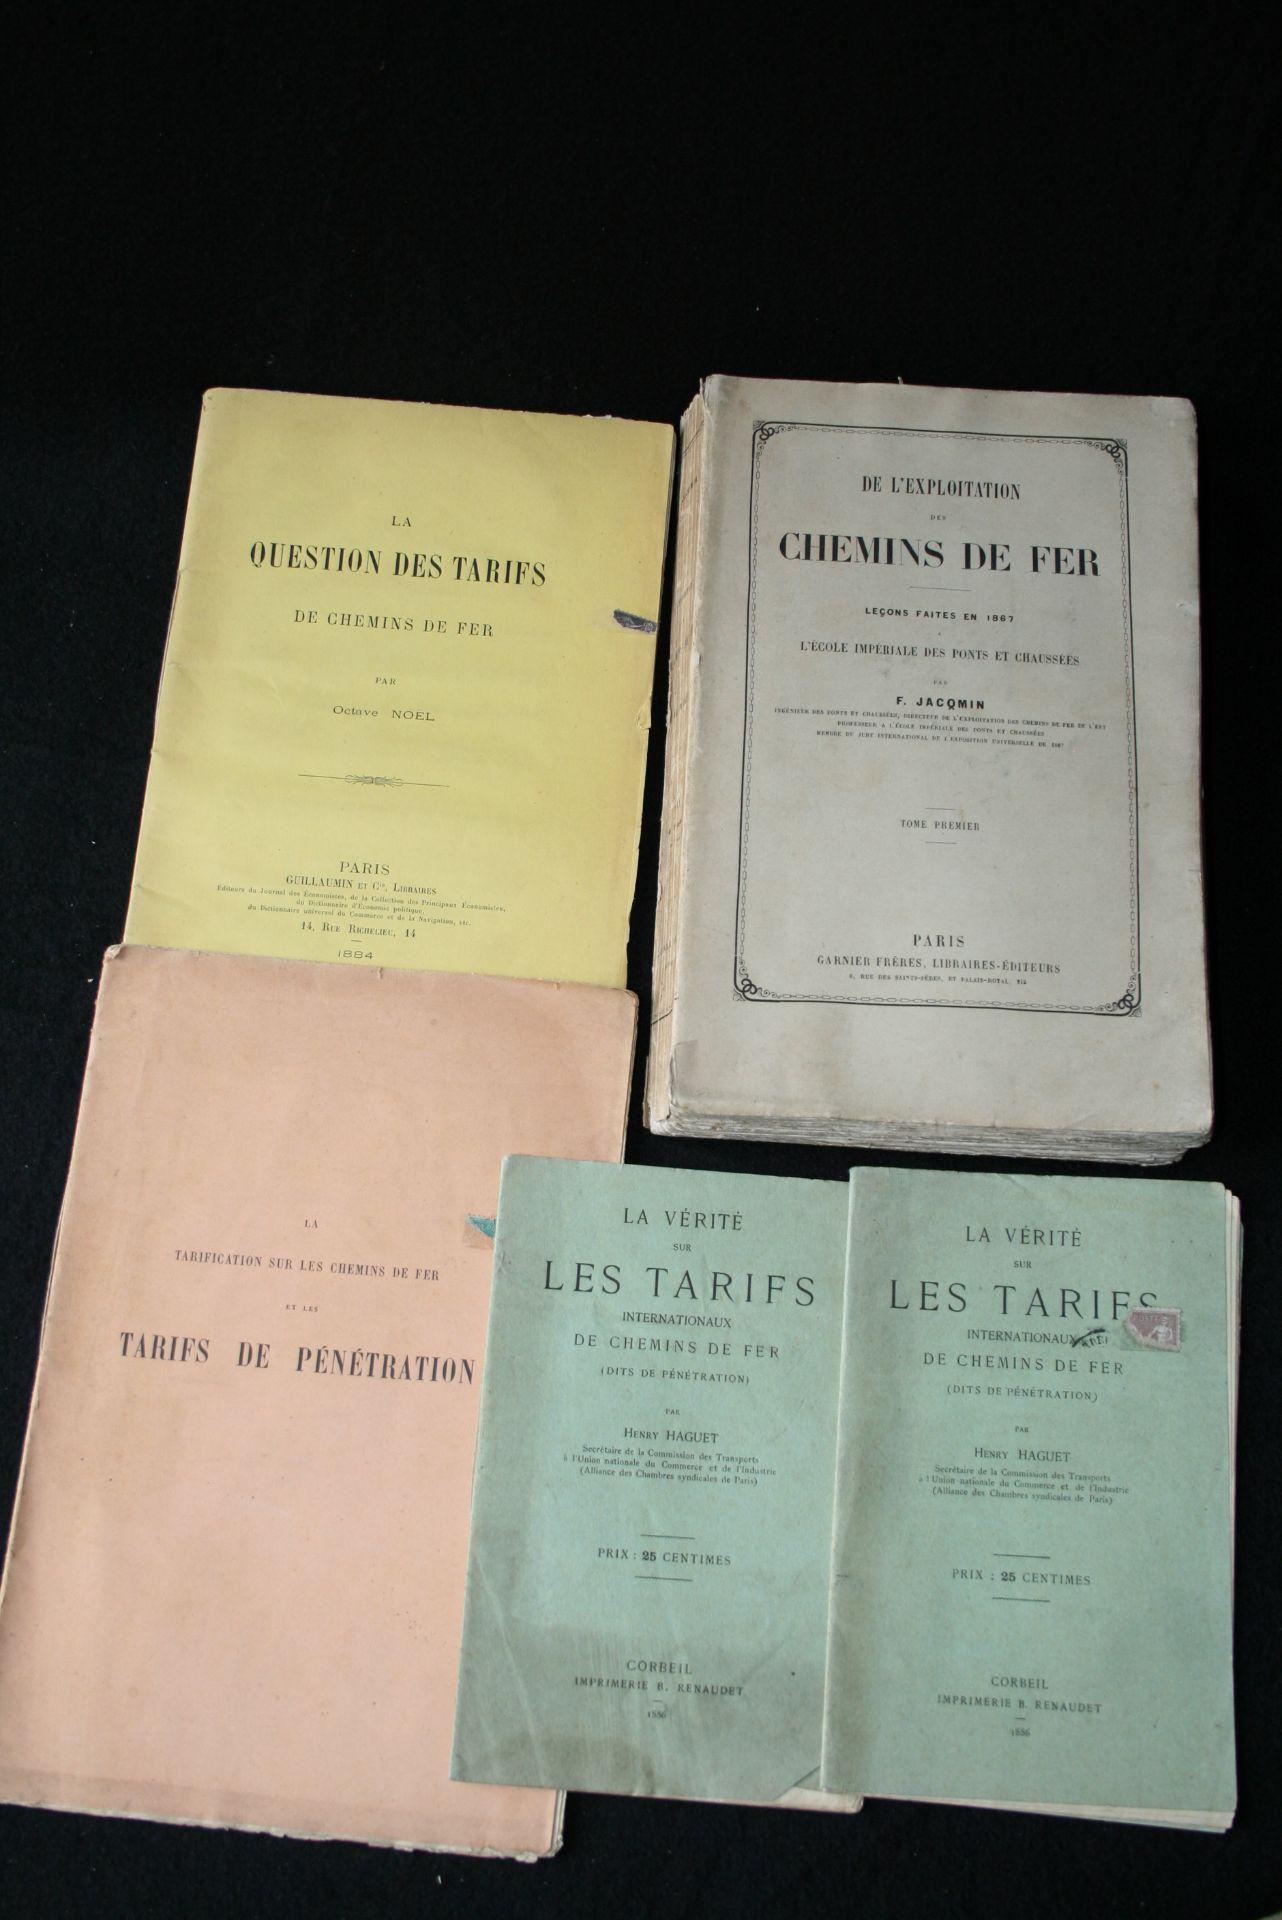 Los 6 - JACQMIN F. - De l'exploitation des chemins de fer, Leçons faites en 1867 – à [...]